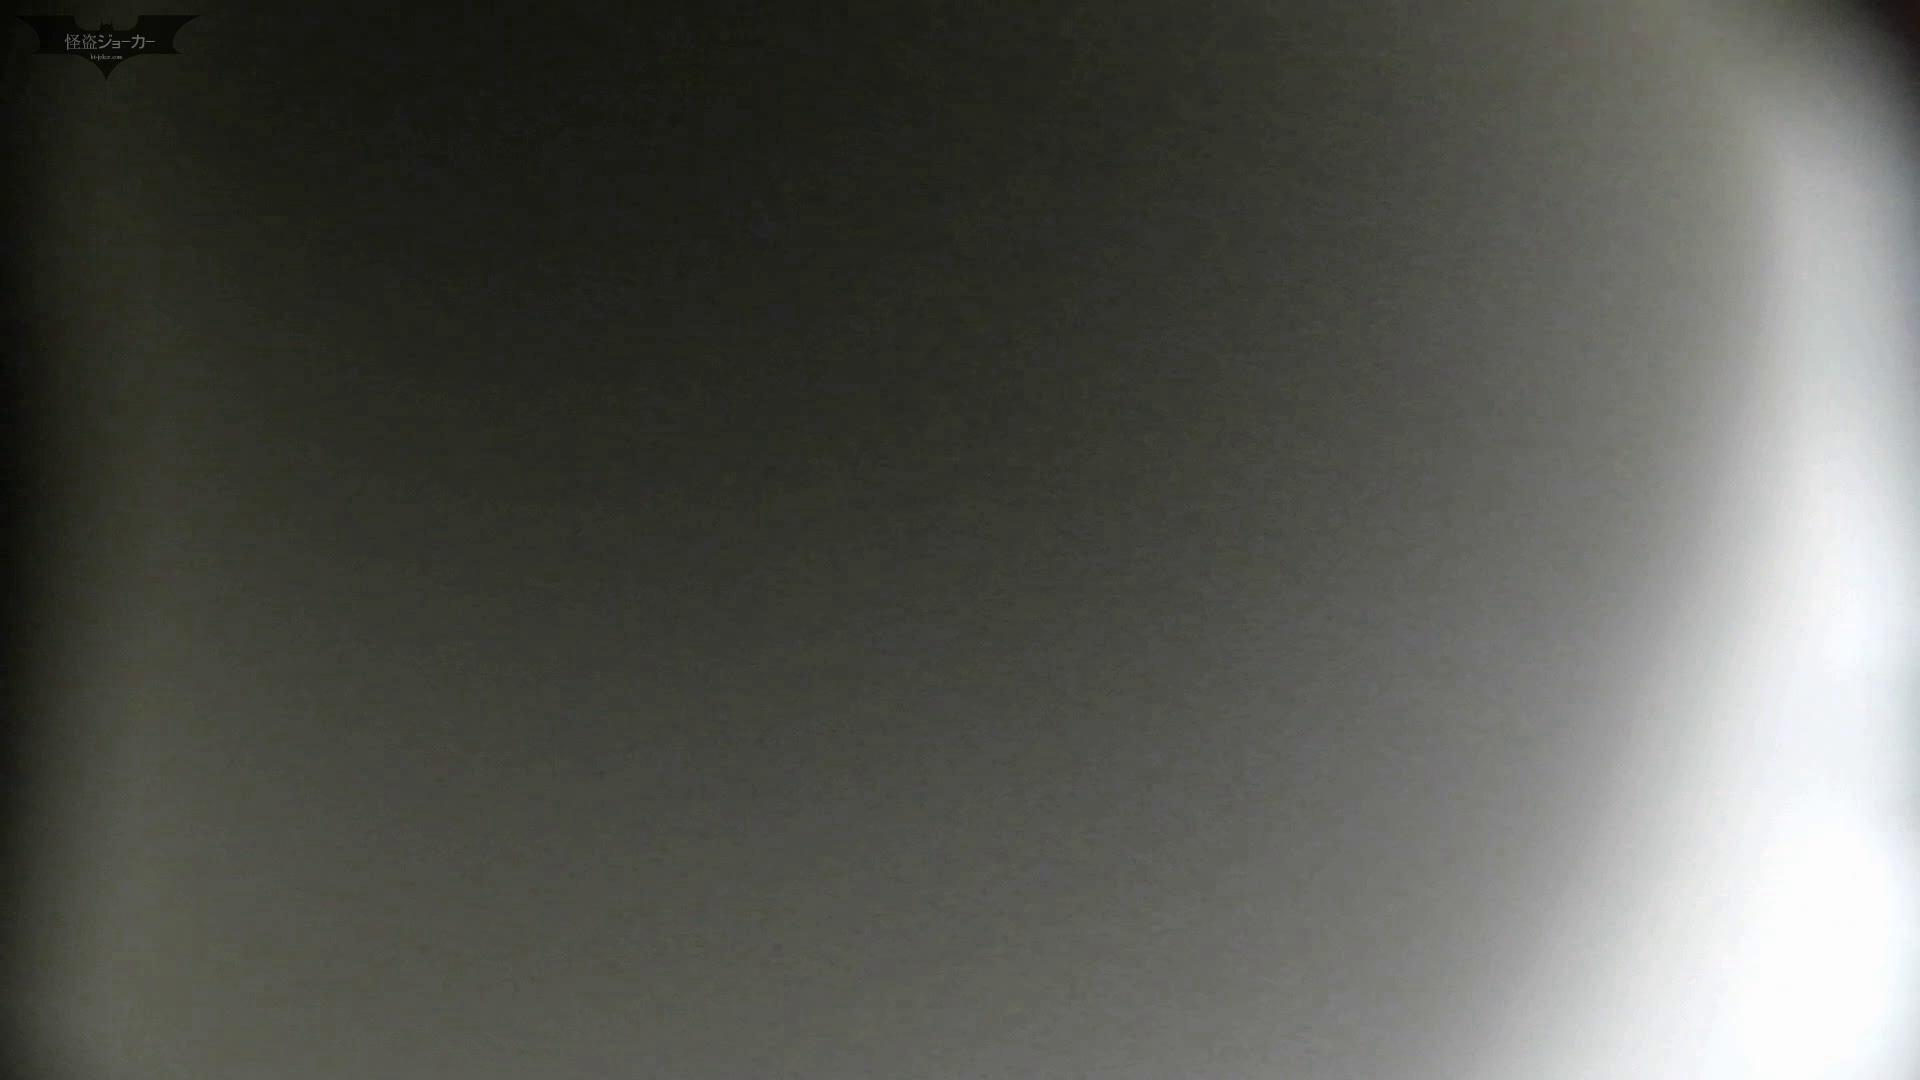 洗面所特攻隊 vol.66 珍事件発生!! 「指」で出【2015・05位】 高画質  83PIX 64